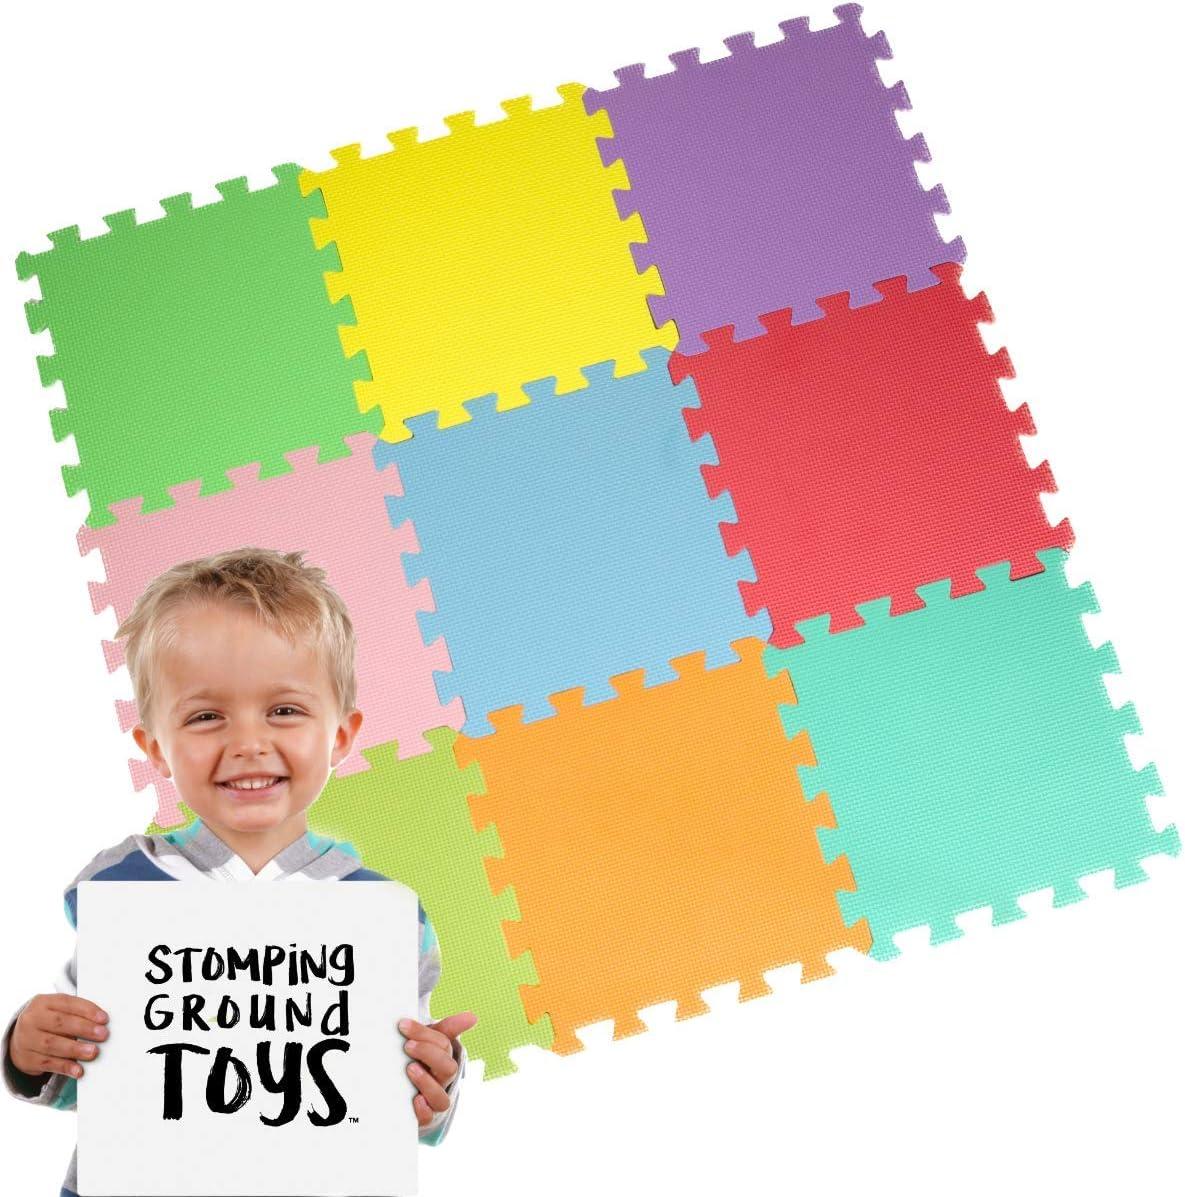 Stomping Ground Toys - 9 Alfombras Puzzle EVA Coloridas Alfombras de Foam Encajables para Actividades Infantiles en el Piso